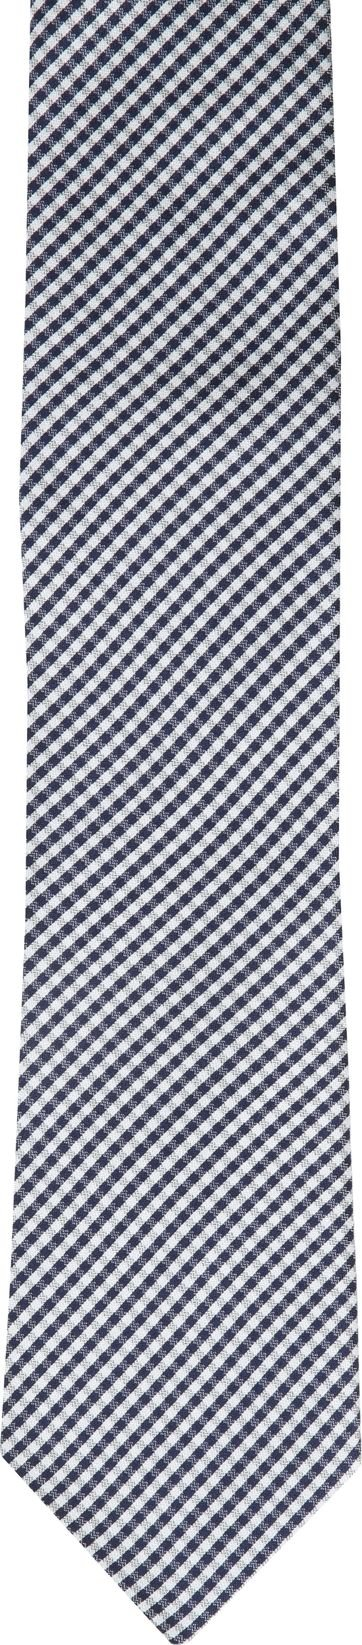 Krawatte Seide Dessin Karo K82-3